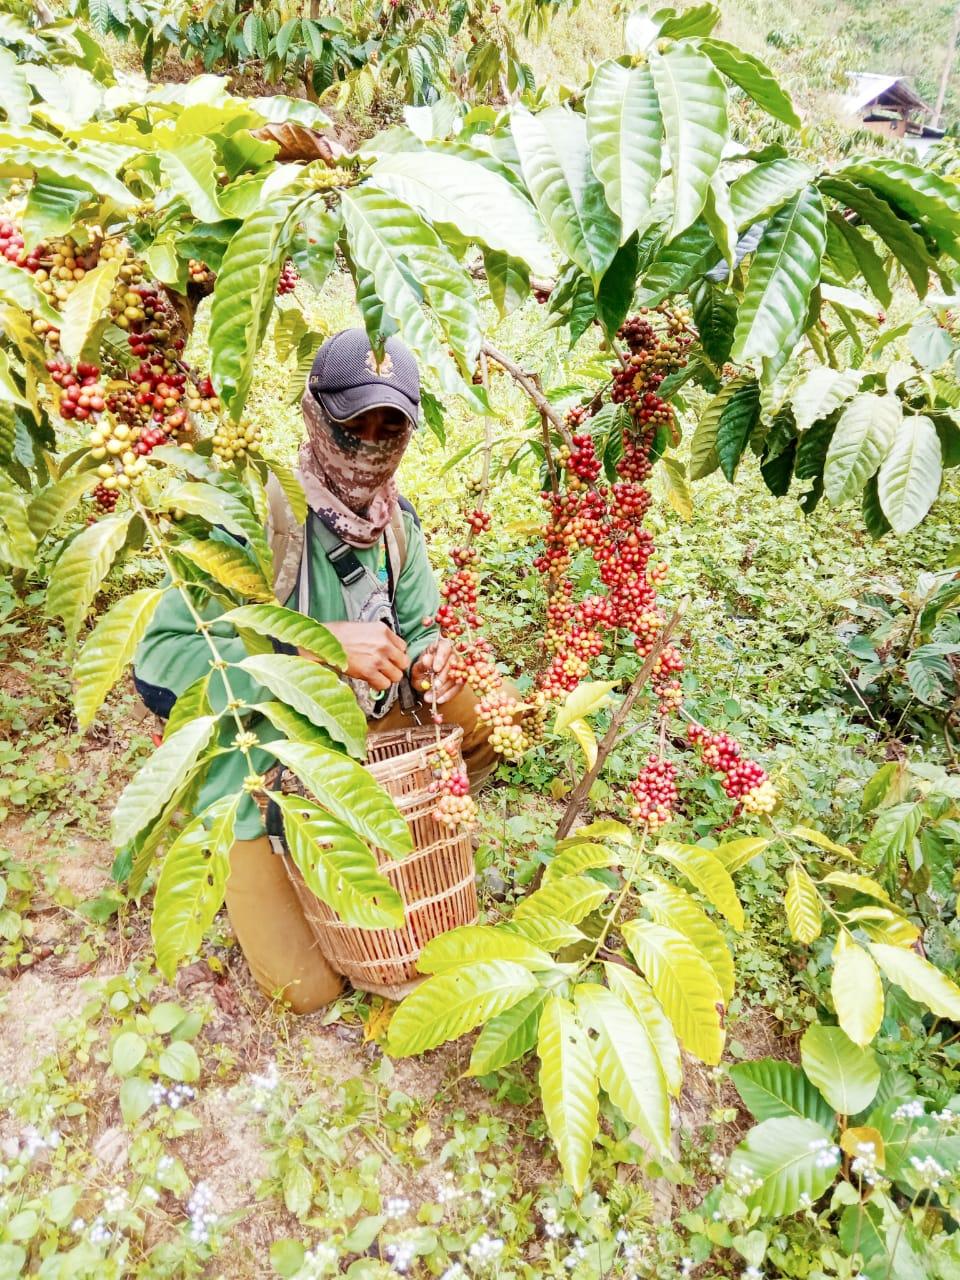 Kelompok Tani Daun Sejati Jaya Desa Sukaharja Kembangkan Kuantitas dan Kualitas Kopi Asli Bogor 235